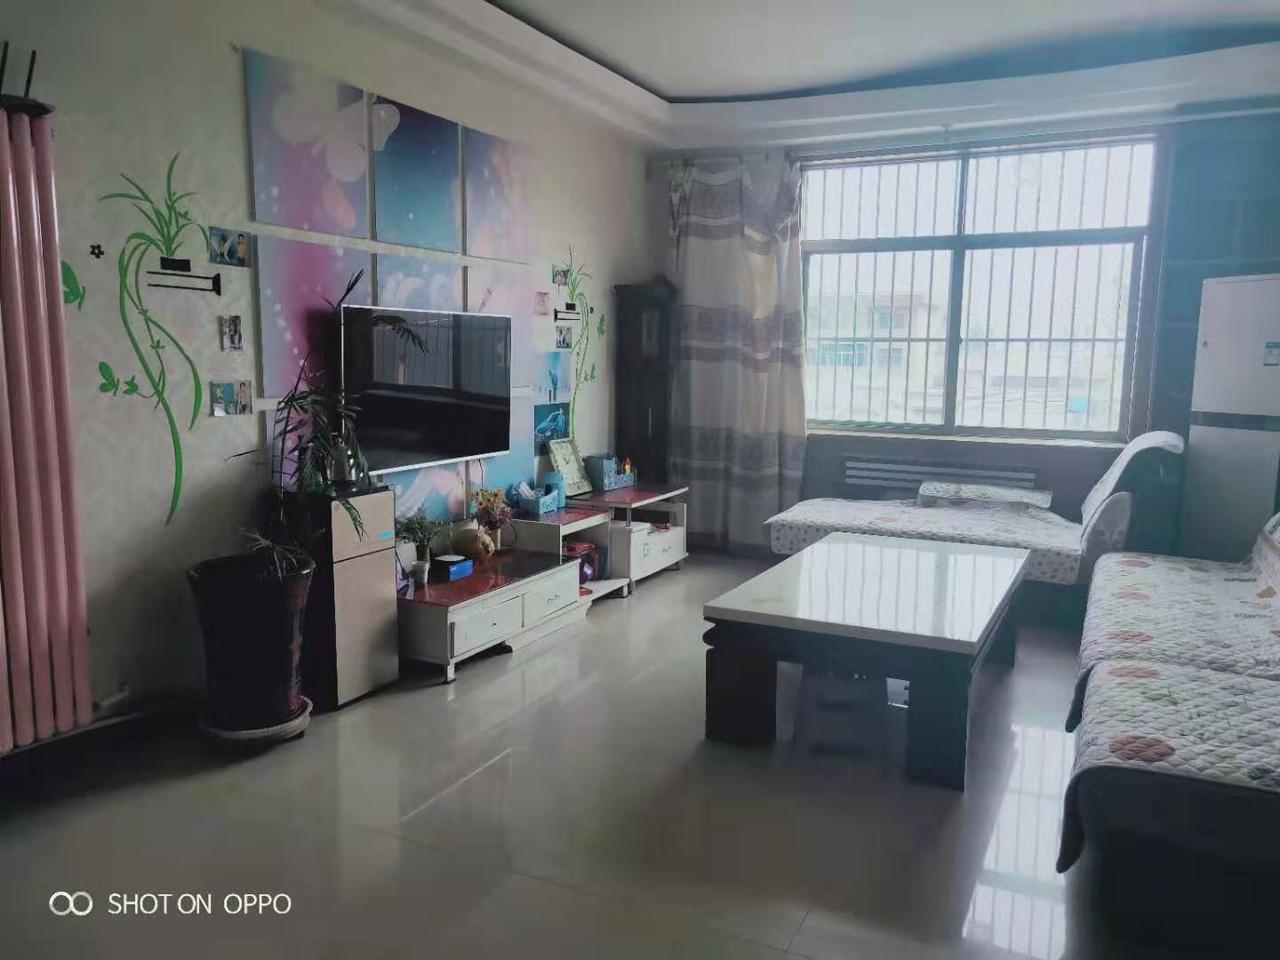 紫荆小区单元出售代煤房一个333室 1厅 1卫33万元